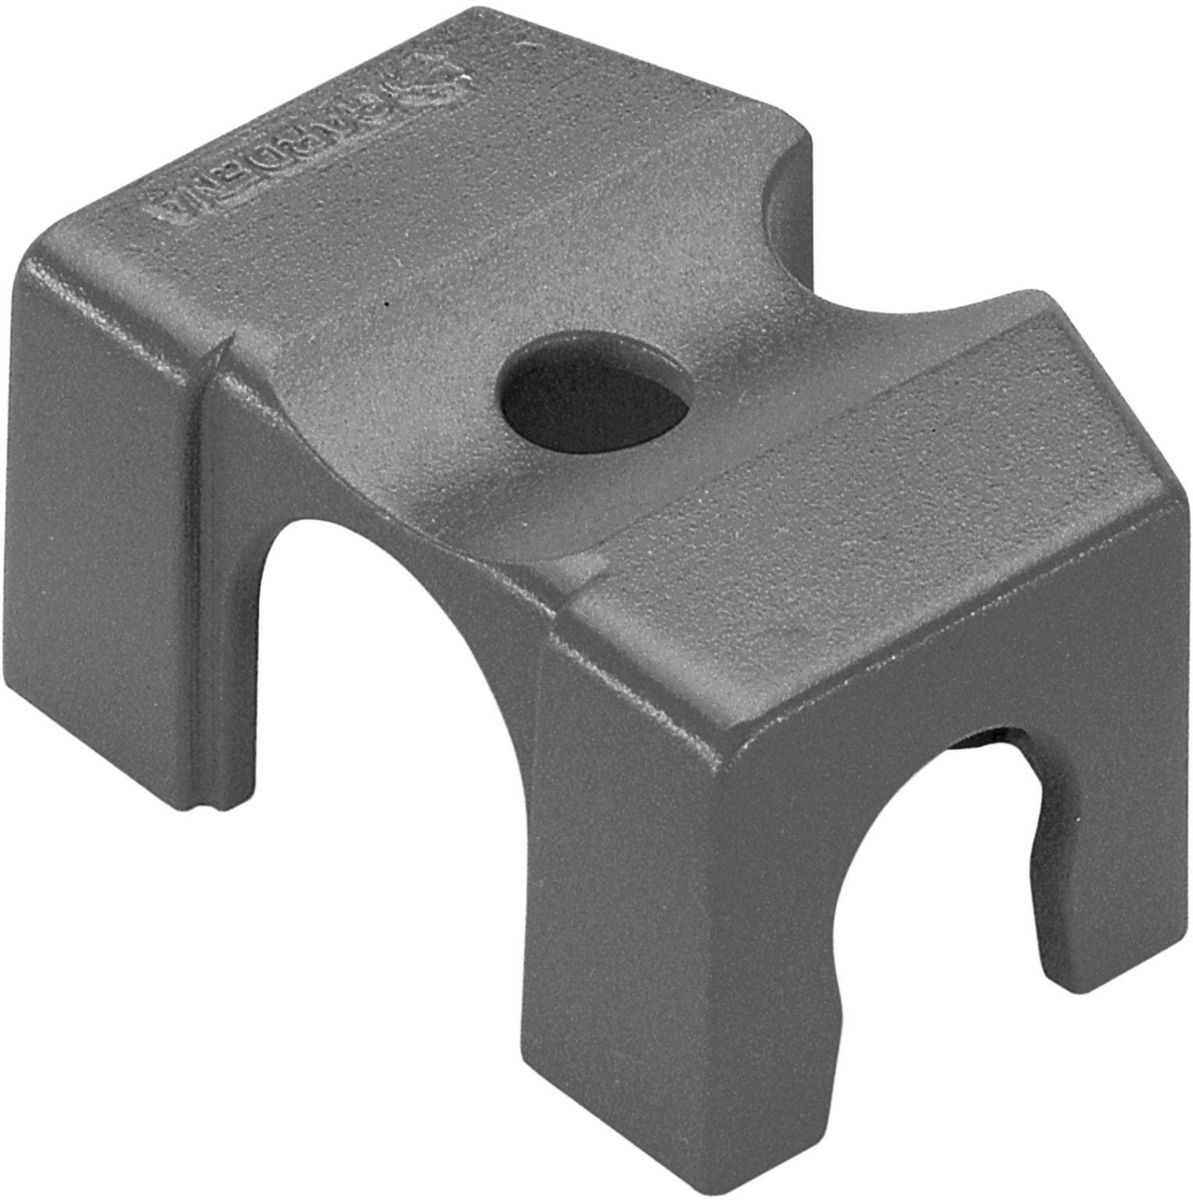 Крепление Gardena, резьба 13 мм (1/2), 2 шт02817-20.000.00Крепление Gardena предназначено для простого и надежного закрепления шлангов системы микрокапельного полива Gardena Micro-Drip-System на твердой поверхности. Также крепление используется для закрепления микронасадок на магистральном шланге диаметром 13 мм (1/2 дюйма). Крепление в паре с Т-образным соединителем для микронасадок и надставкой (не входят в комплект) позволяет регулировать высоту микронасадок. В комплект поставки входят два крепления.